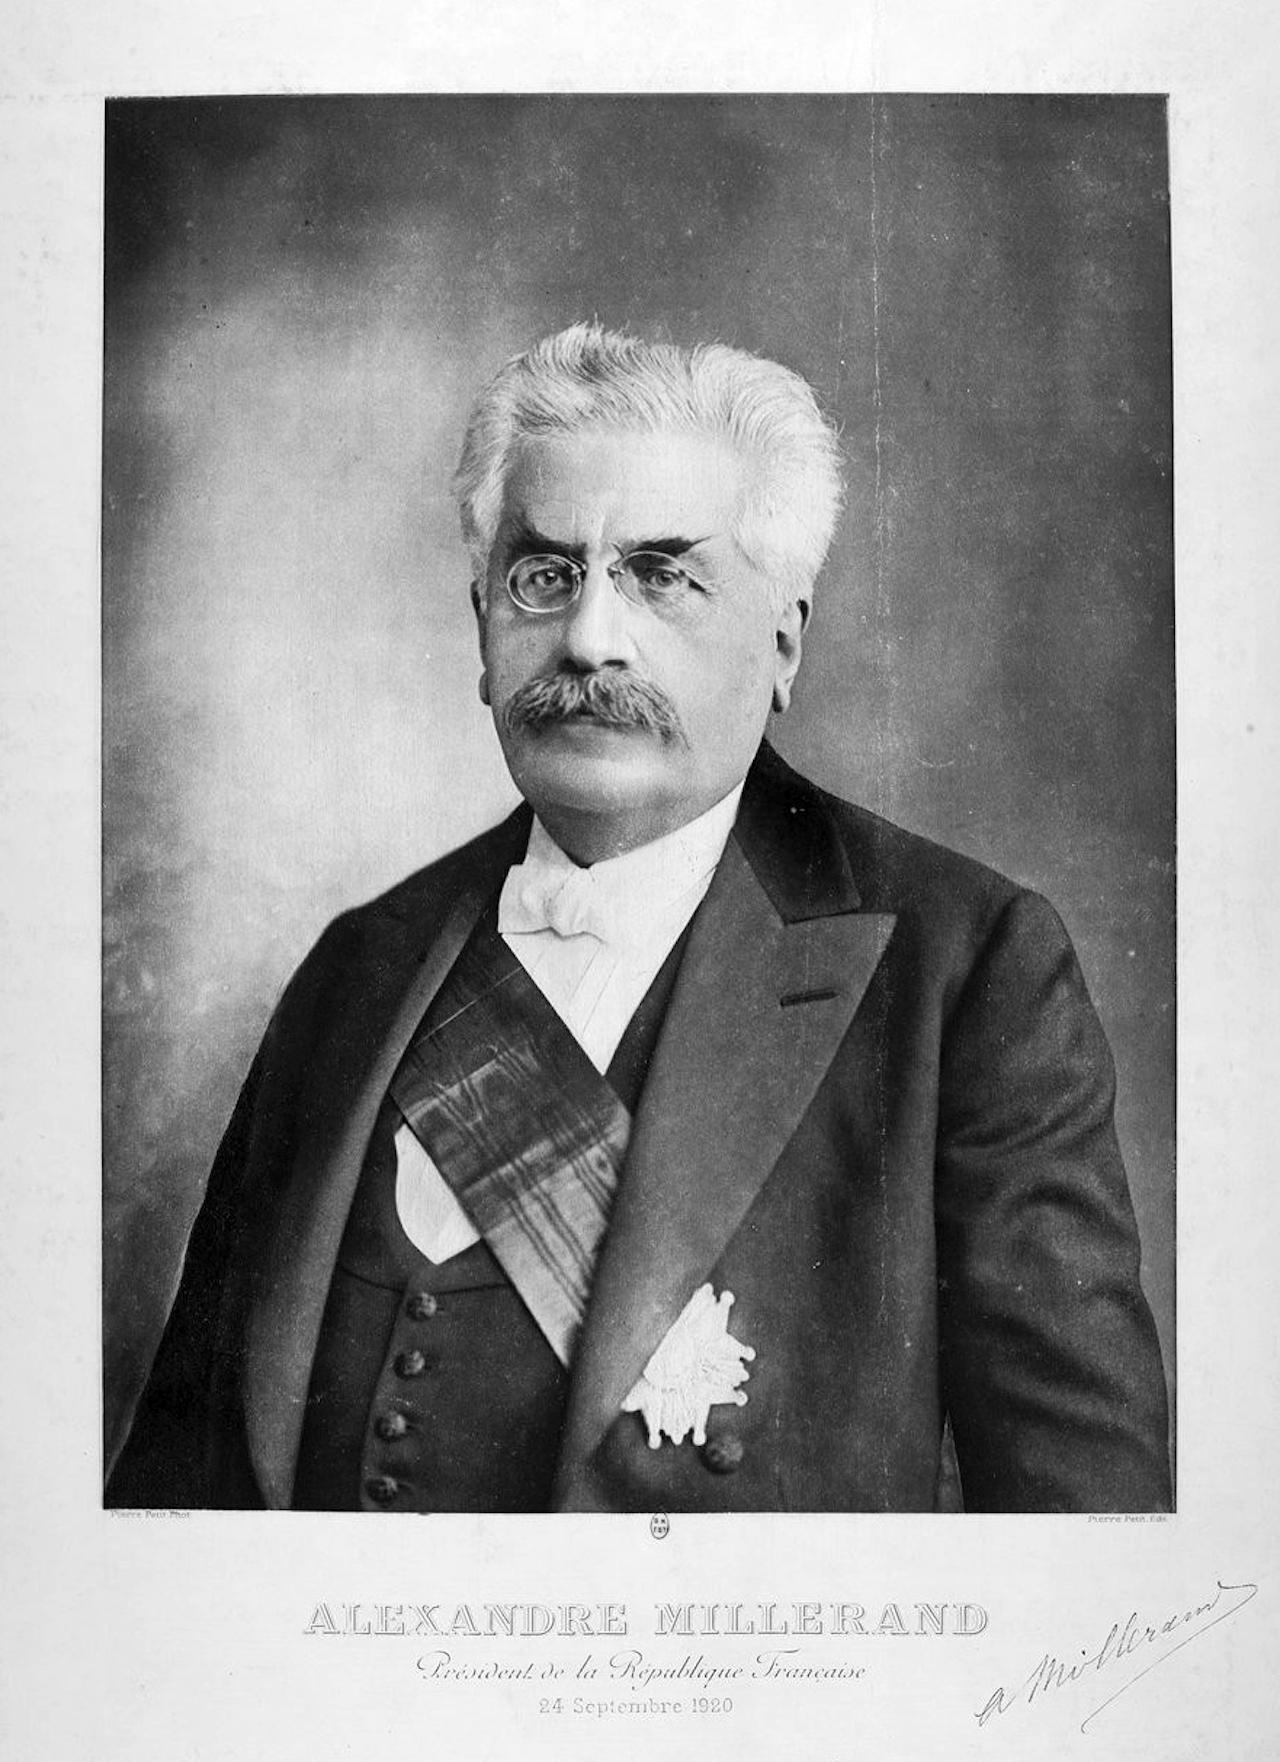 <b> De l'élection présidentielle du 23 septembre 1920,  en tant que leçon de droit politique </b> </br> </br> Par Jean-Félix de Bujadoux